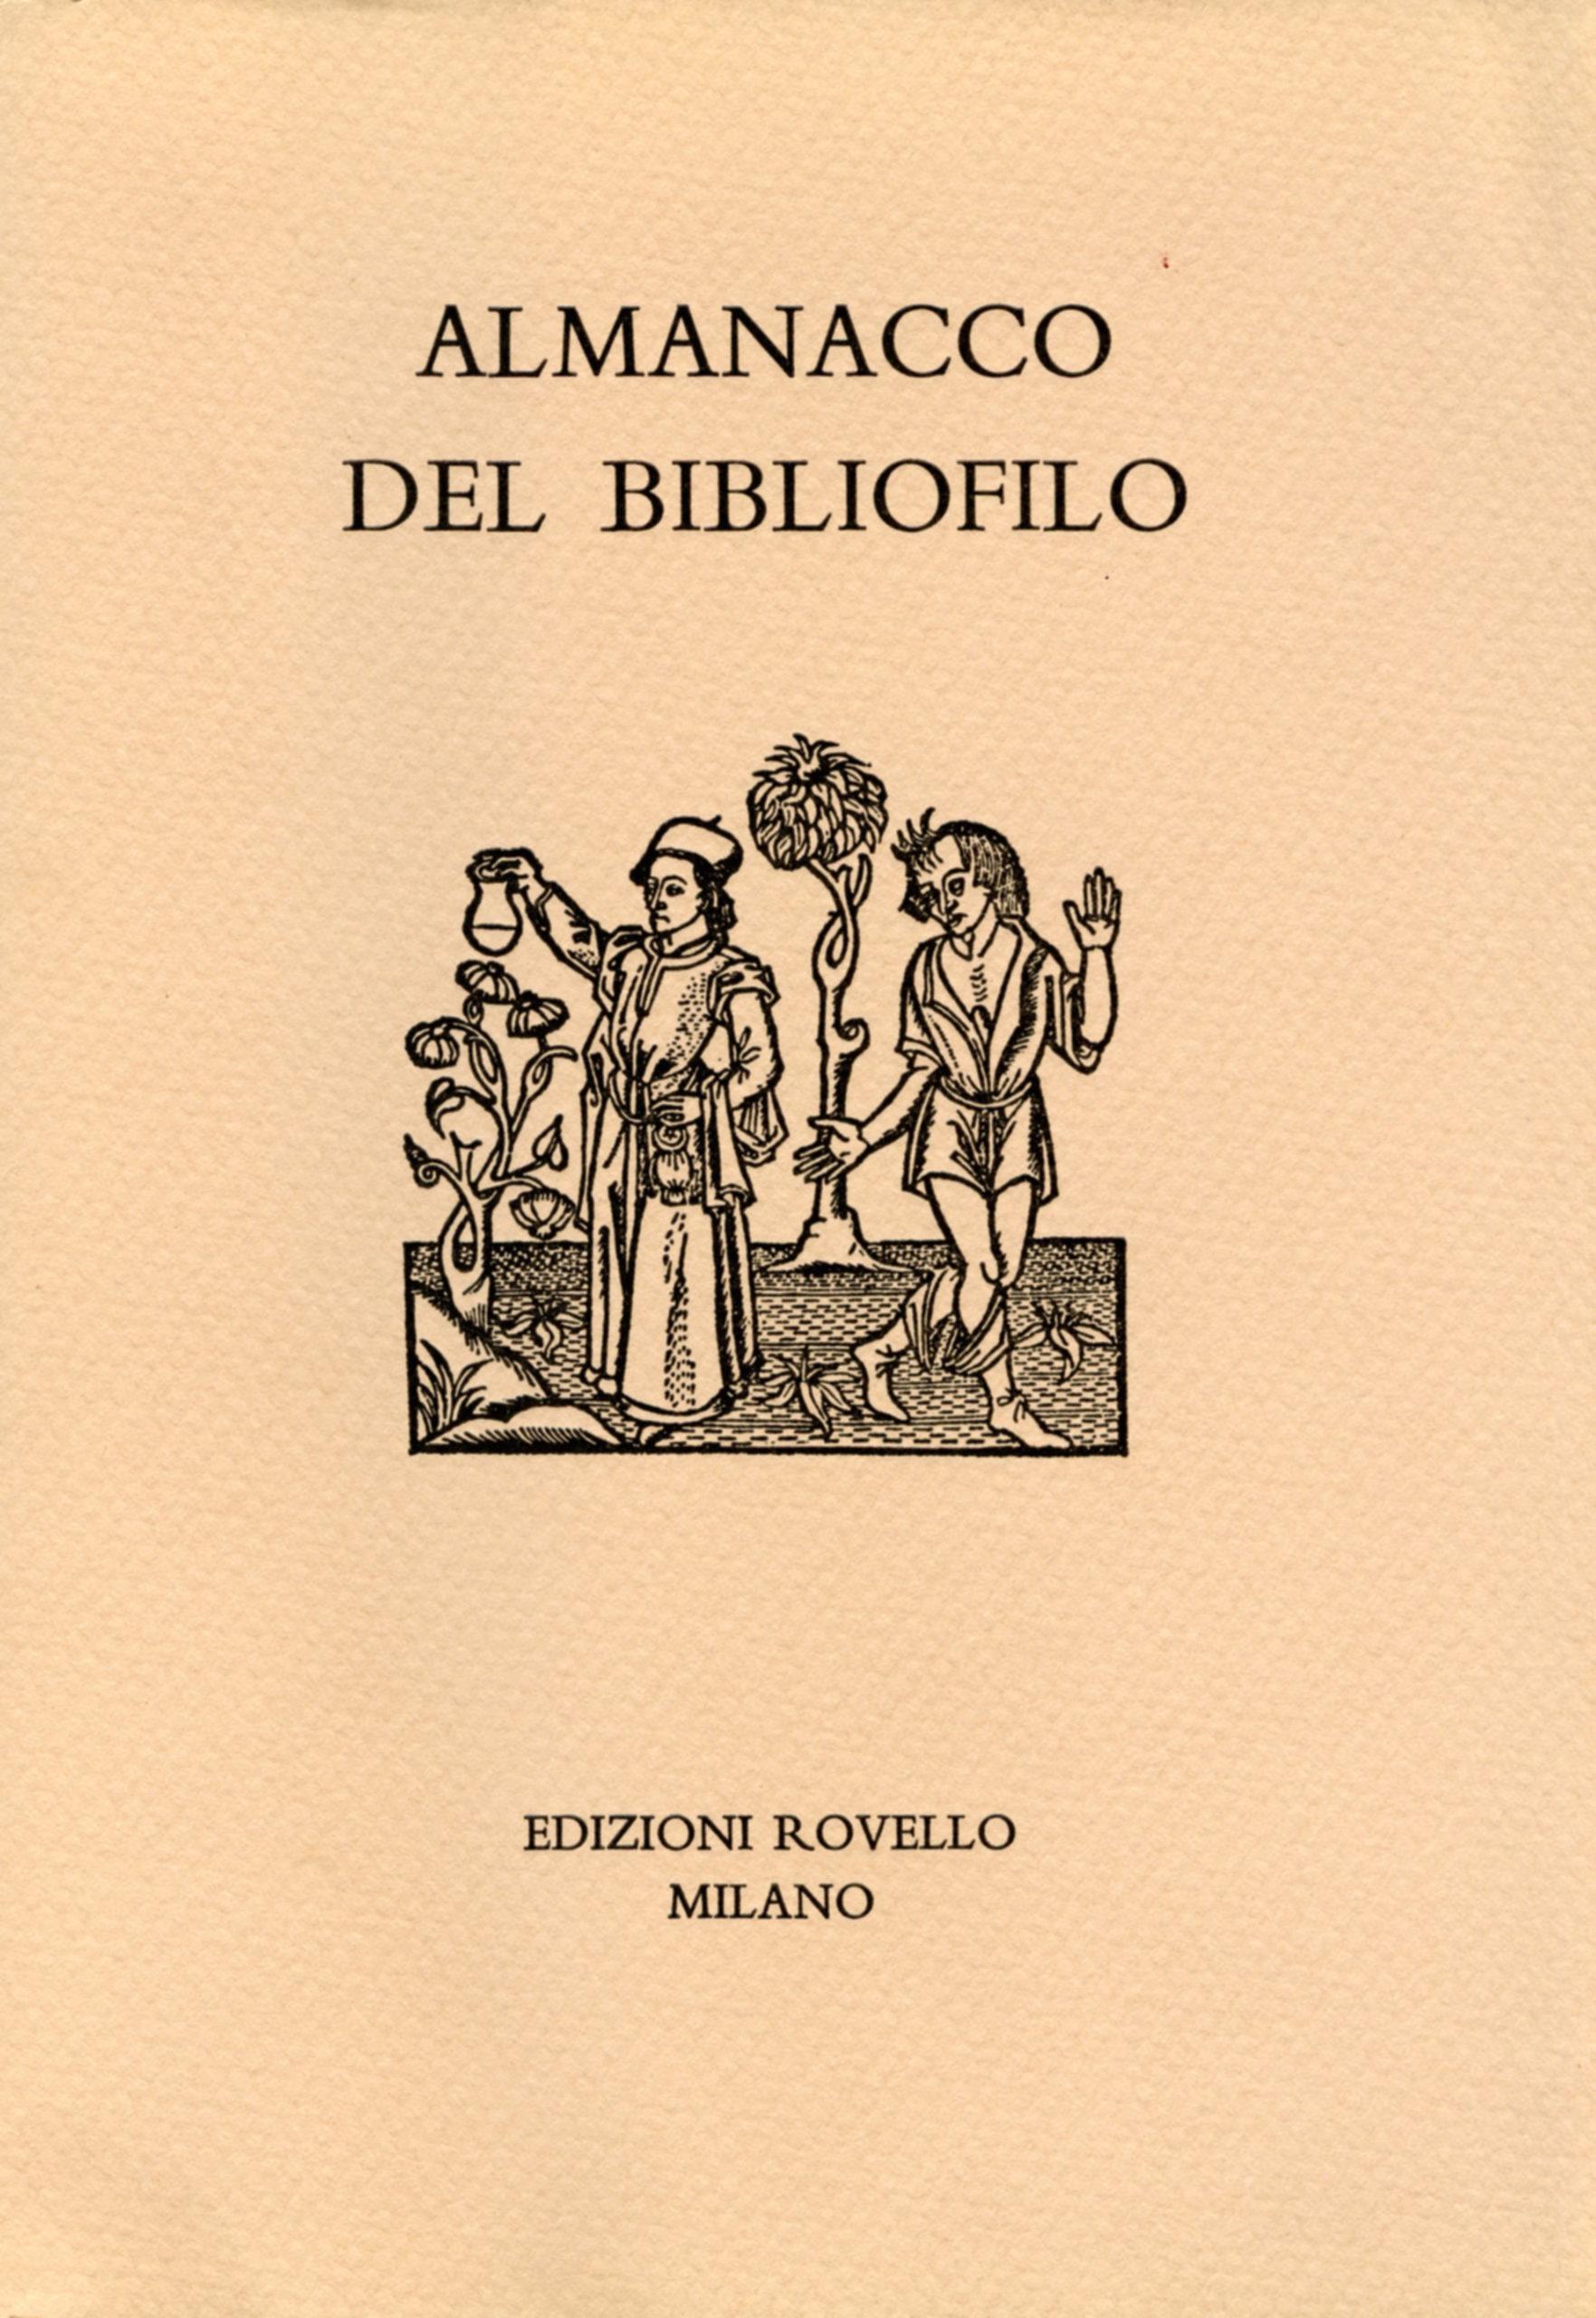 6. Agli amatori di buoni libri (1995)